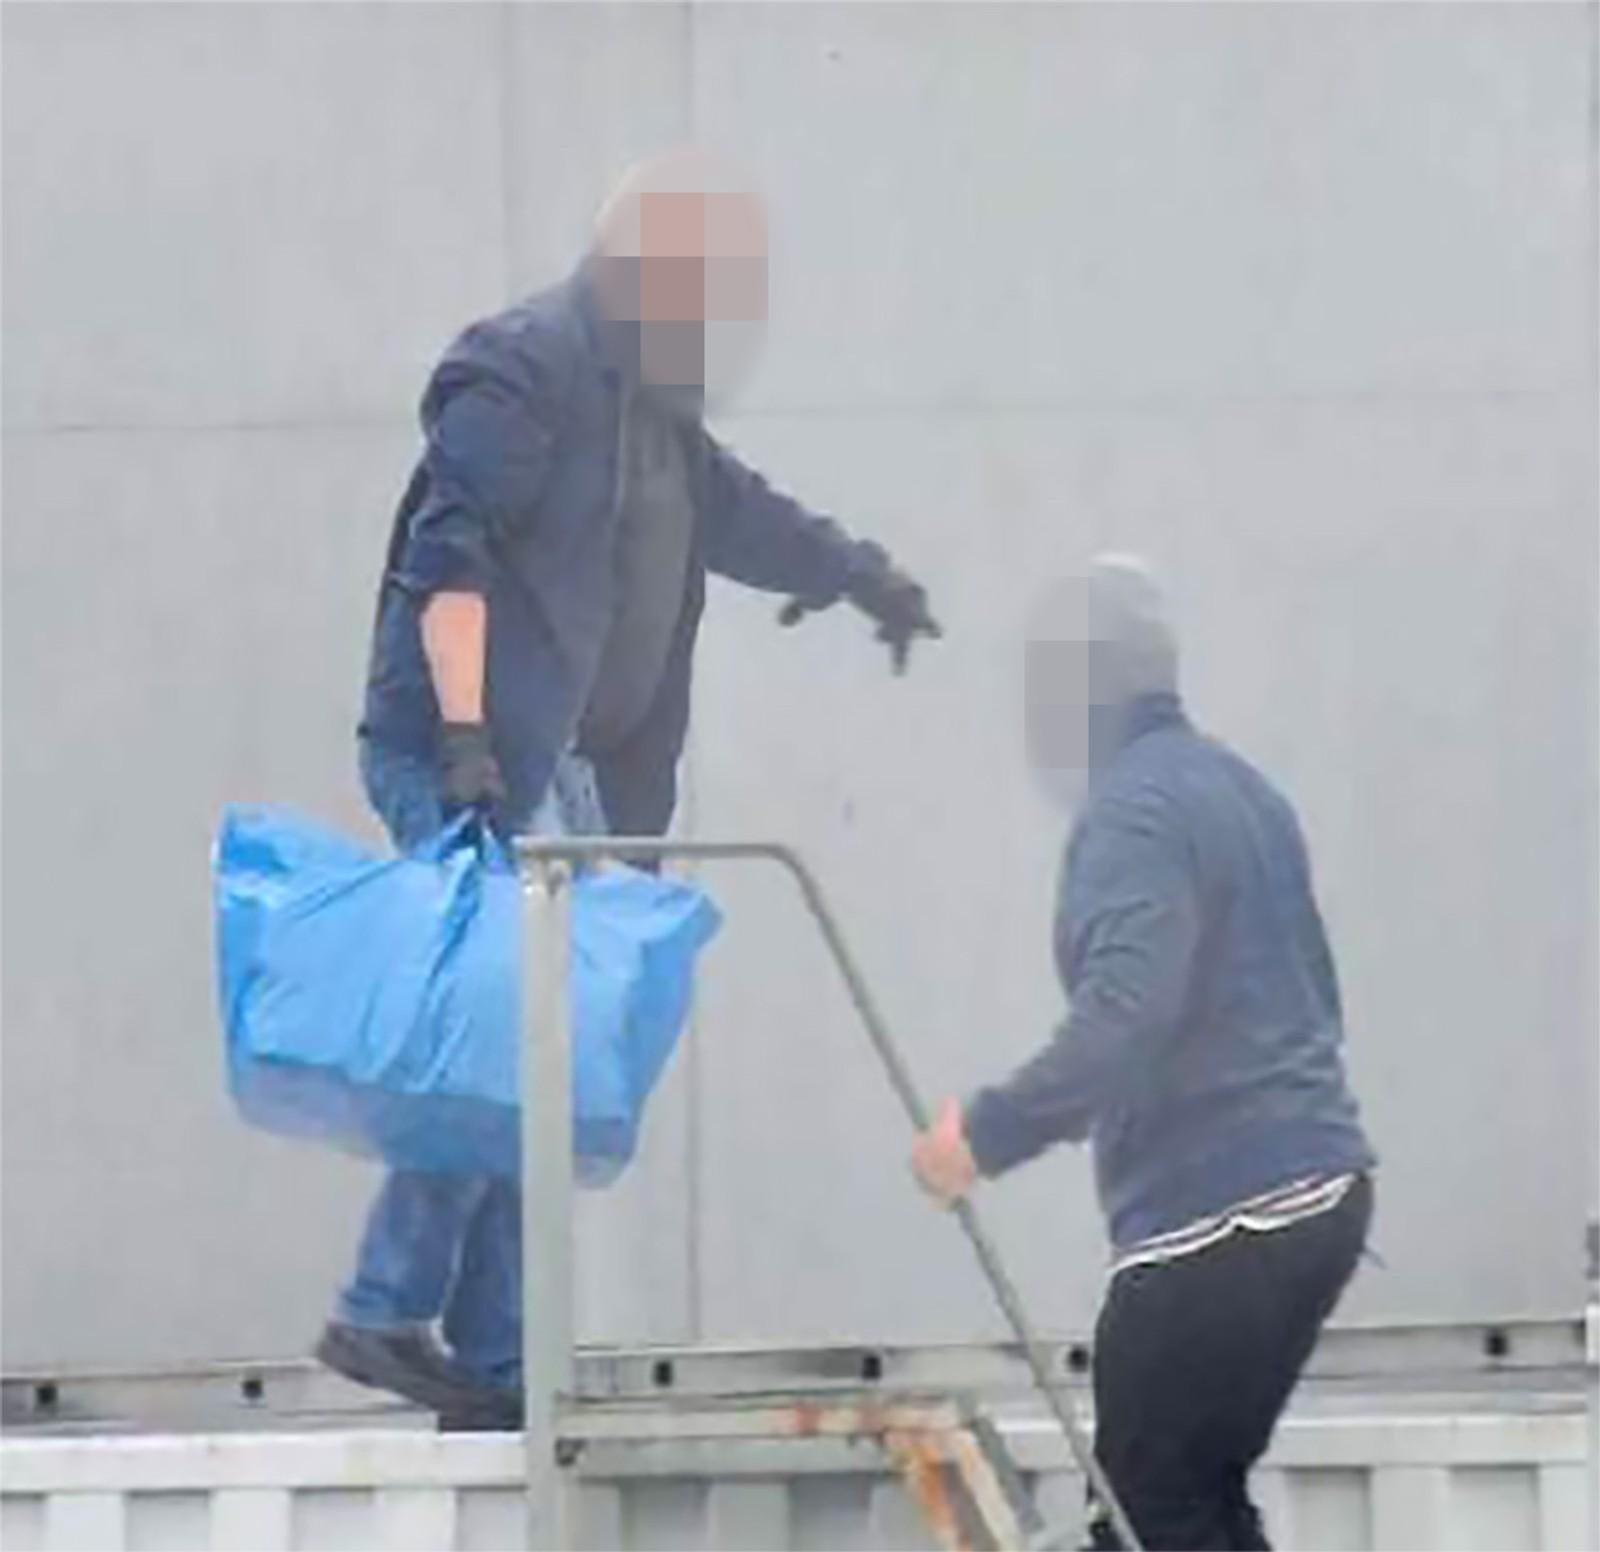 Mannen til venstre er en 58 år gammel norsk-marokkaner som var den som leide containeren. Verken han eller 27-åringen var tidligere straffet eller kjent for politiet på annen måte fra før.